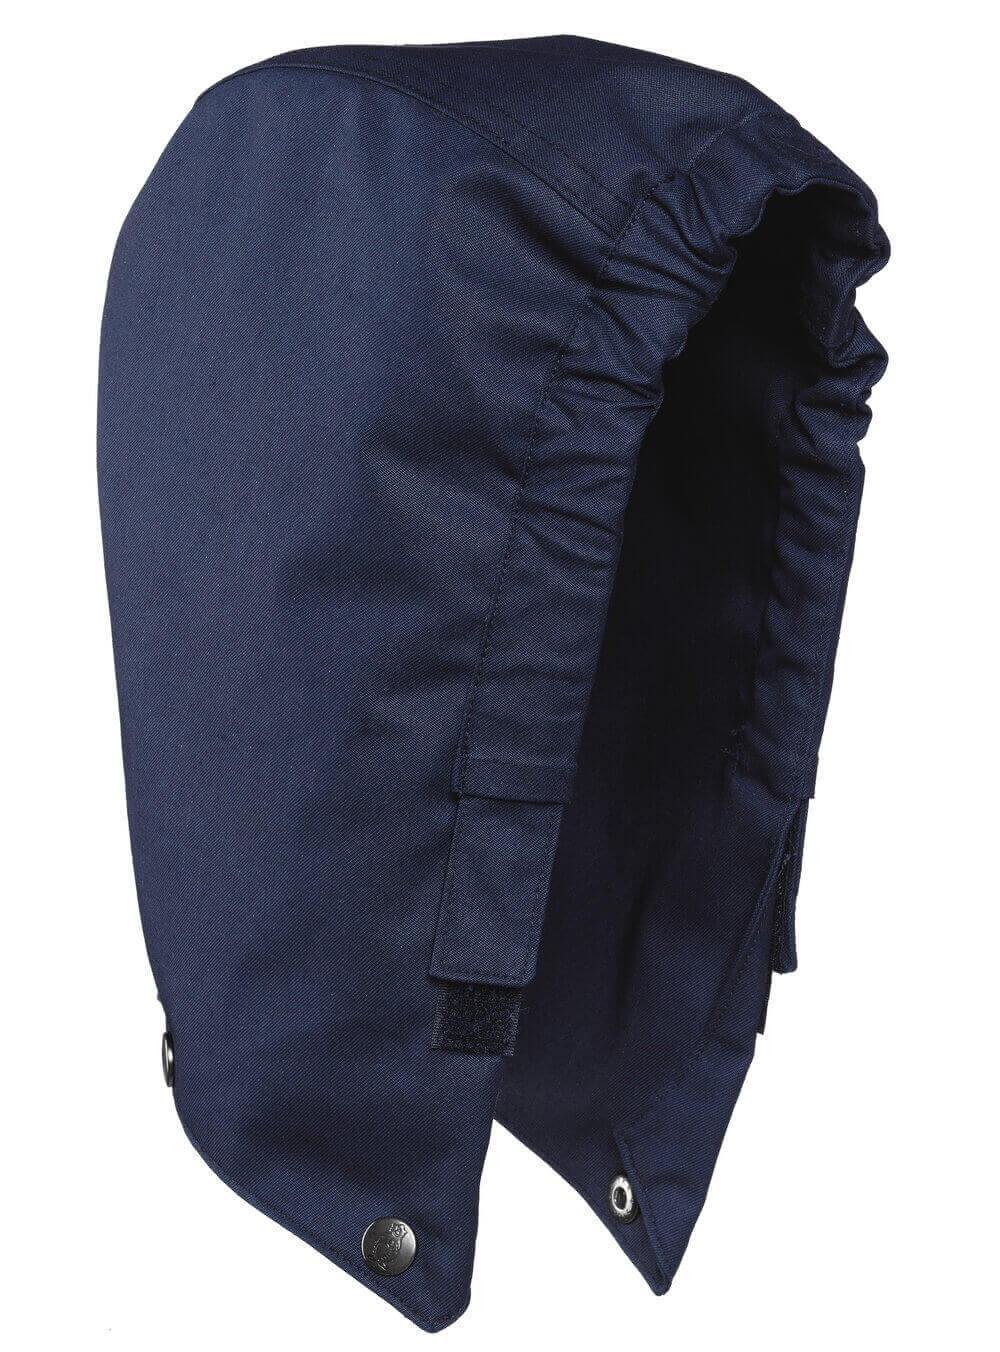 04014-064-01 Capucha - azul marino